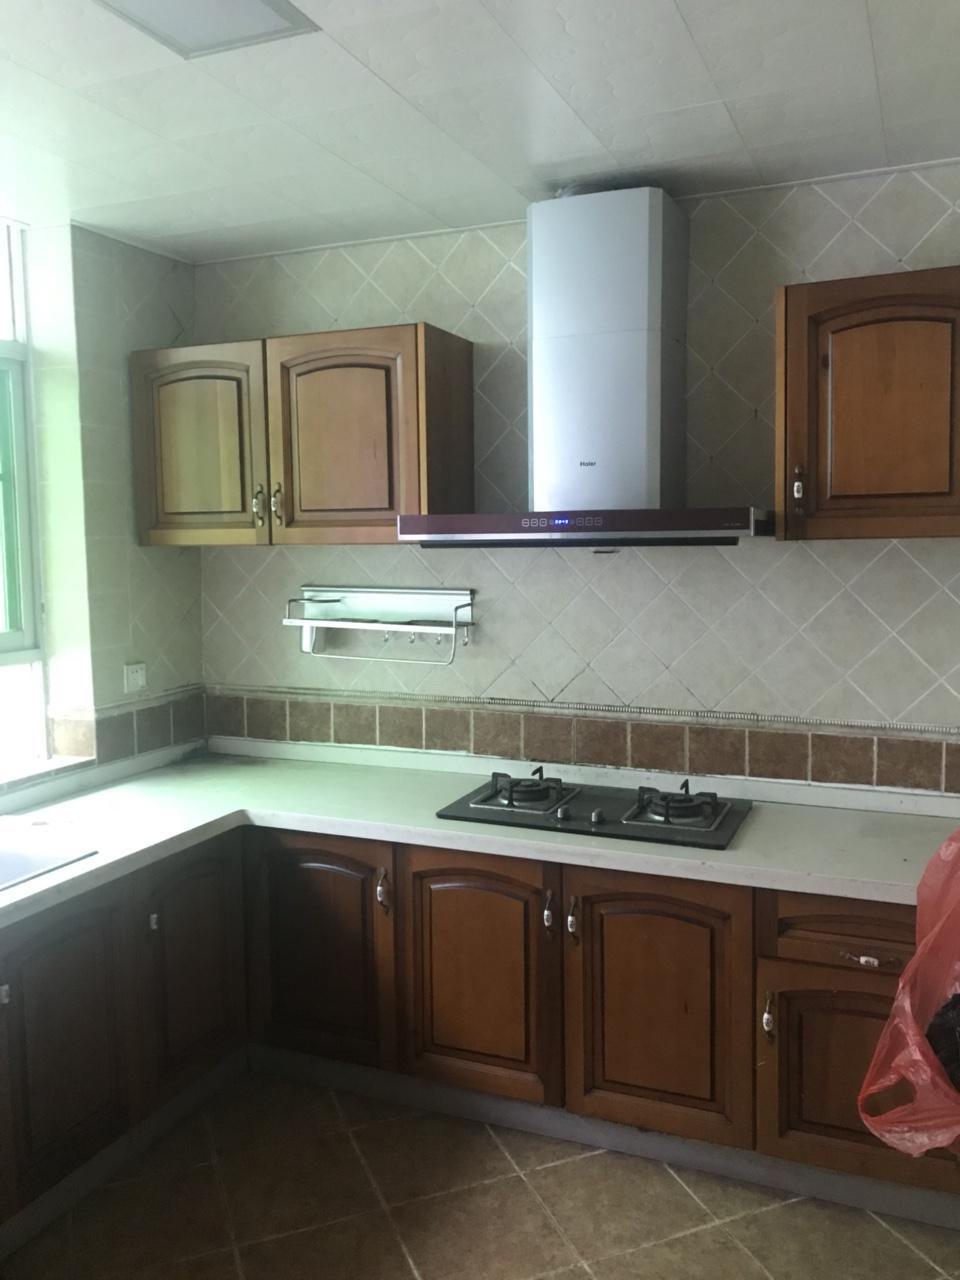 附小学区房170平米5室喊价81.8万元